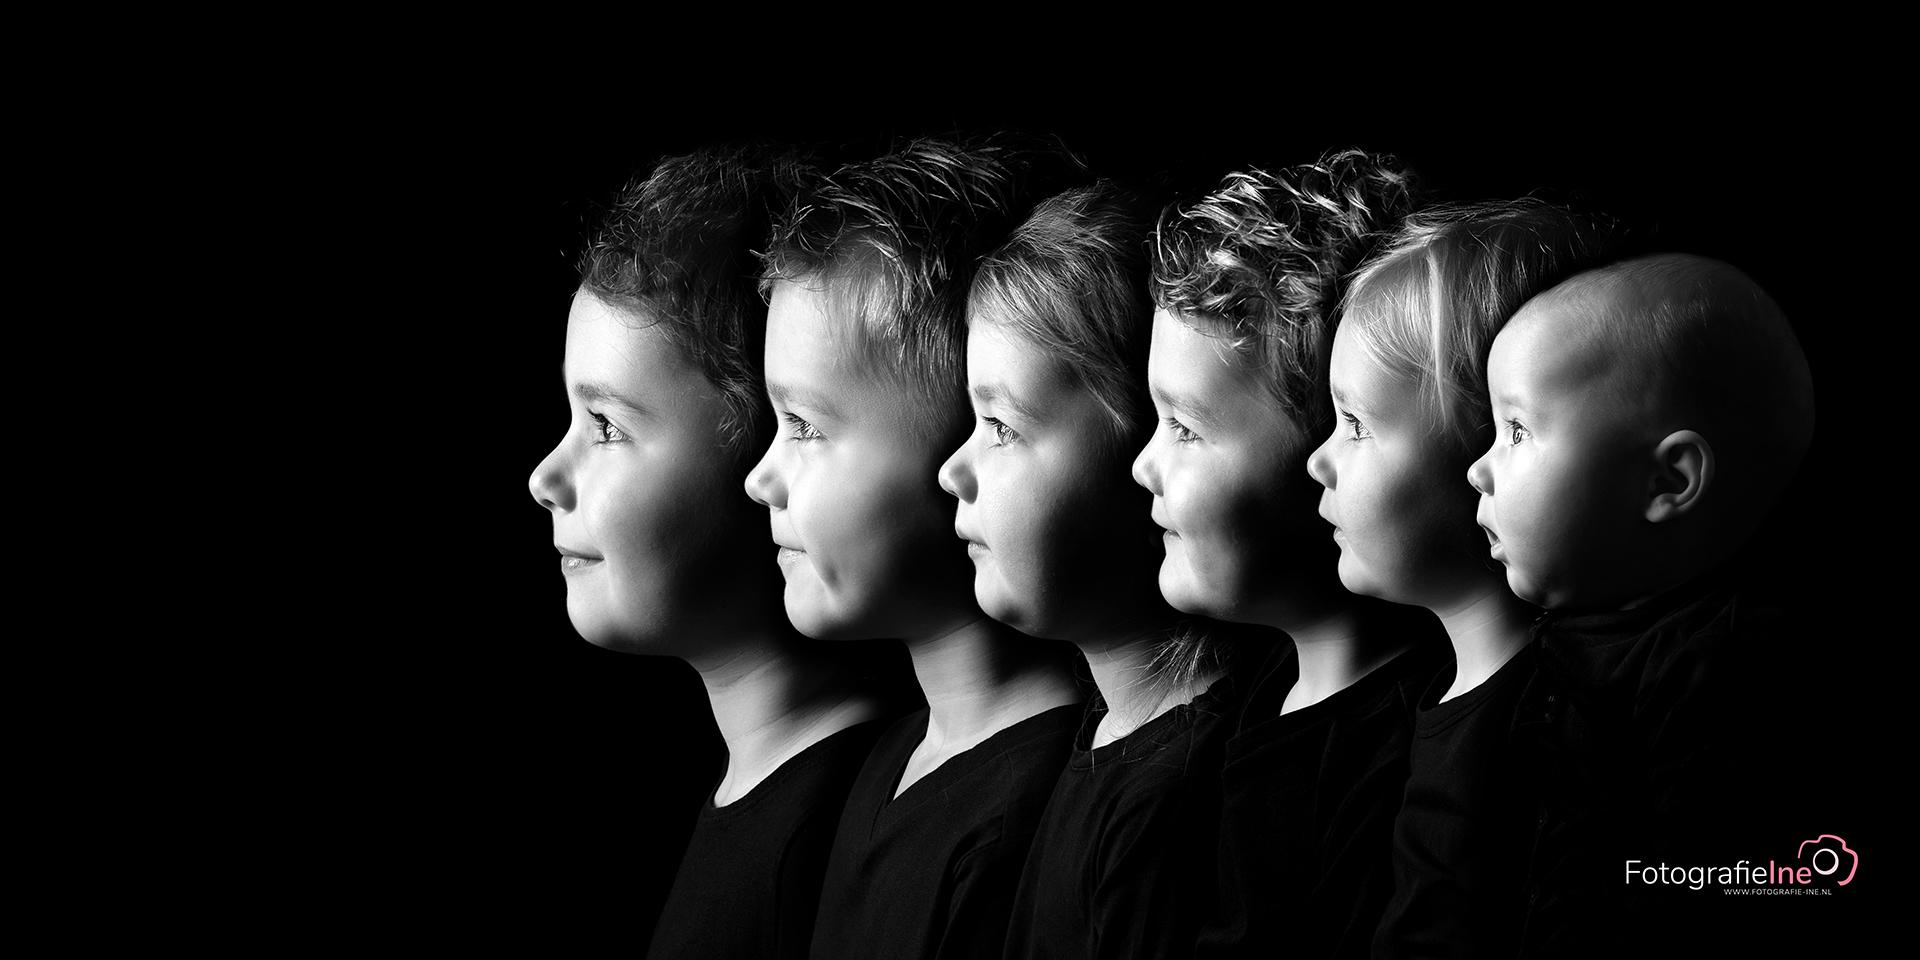 Fotografie Ine Collage 6 kleinkinderen zwart wit foto zij-zij foto site1